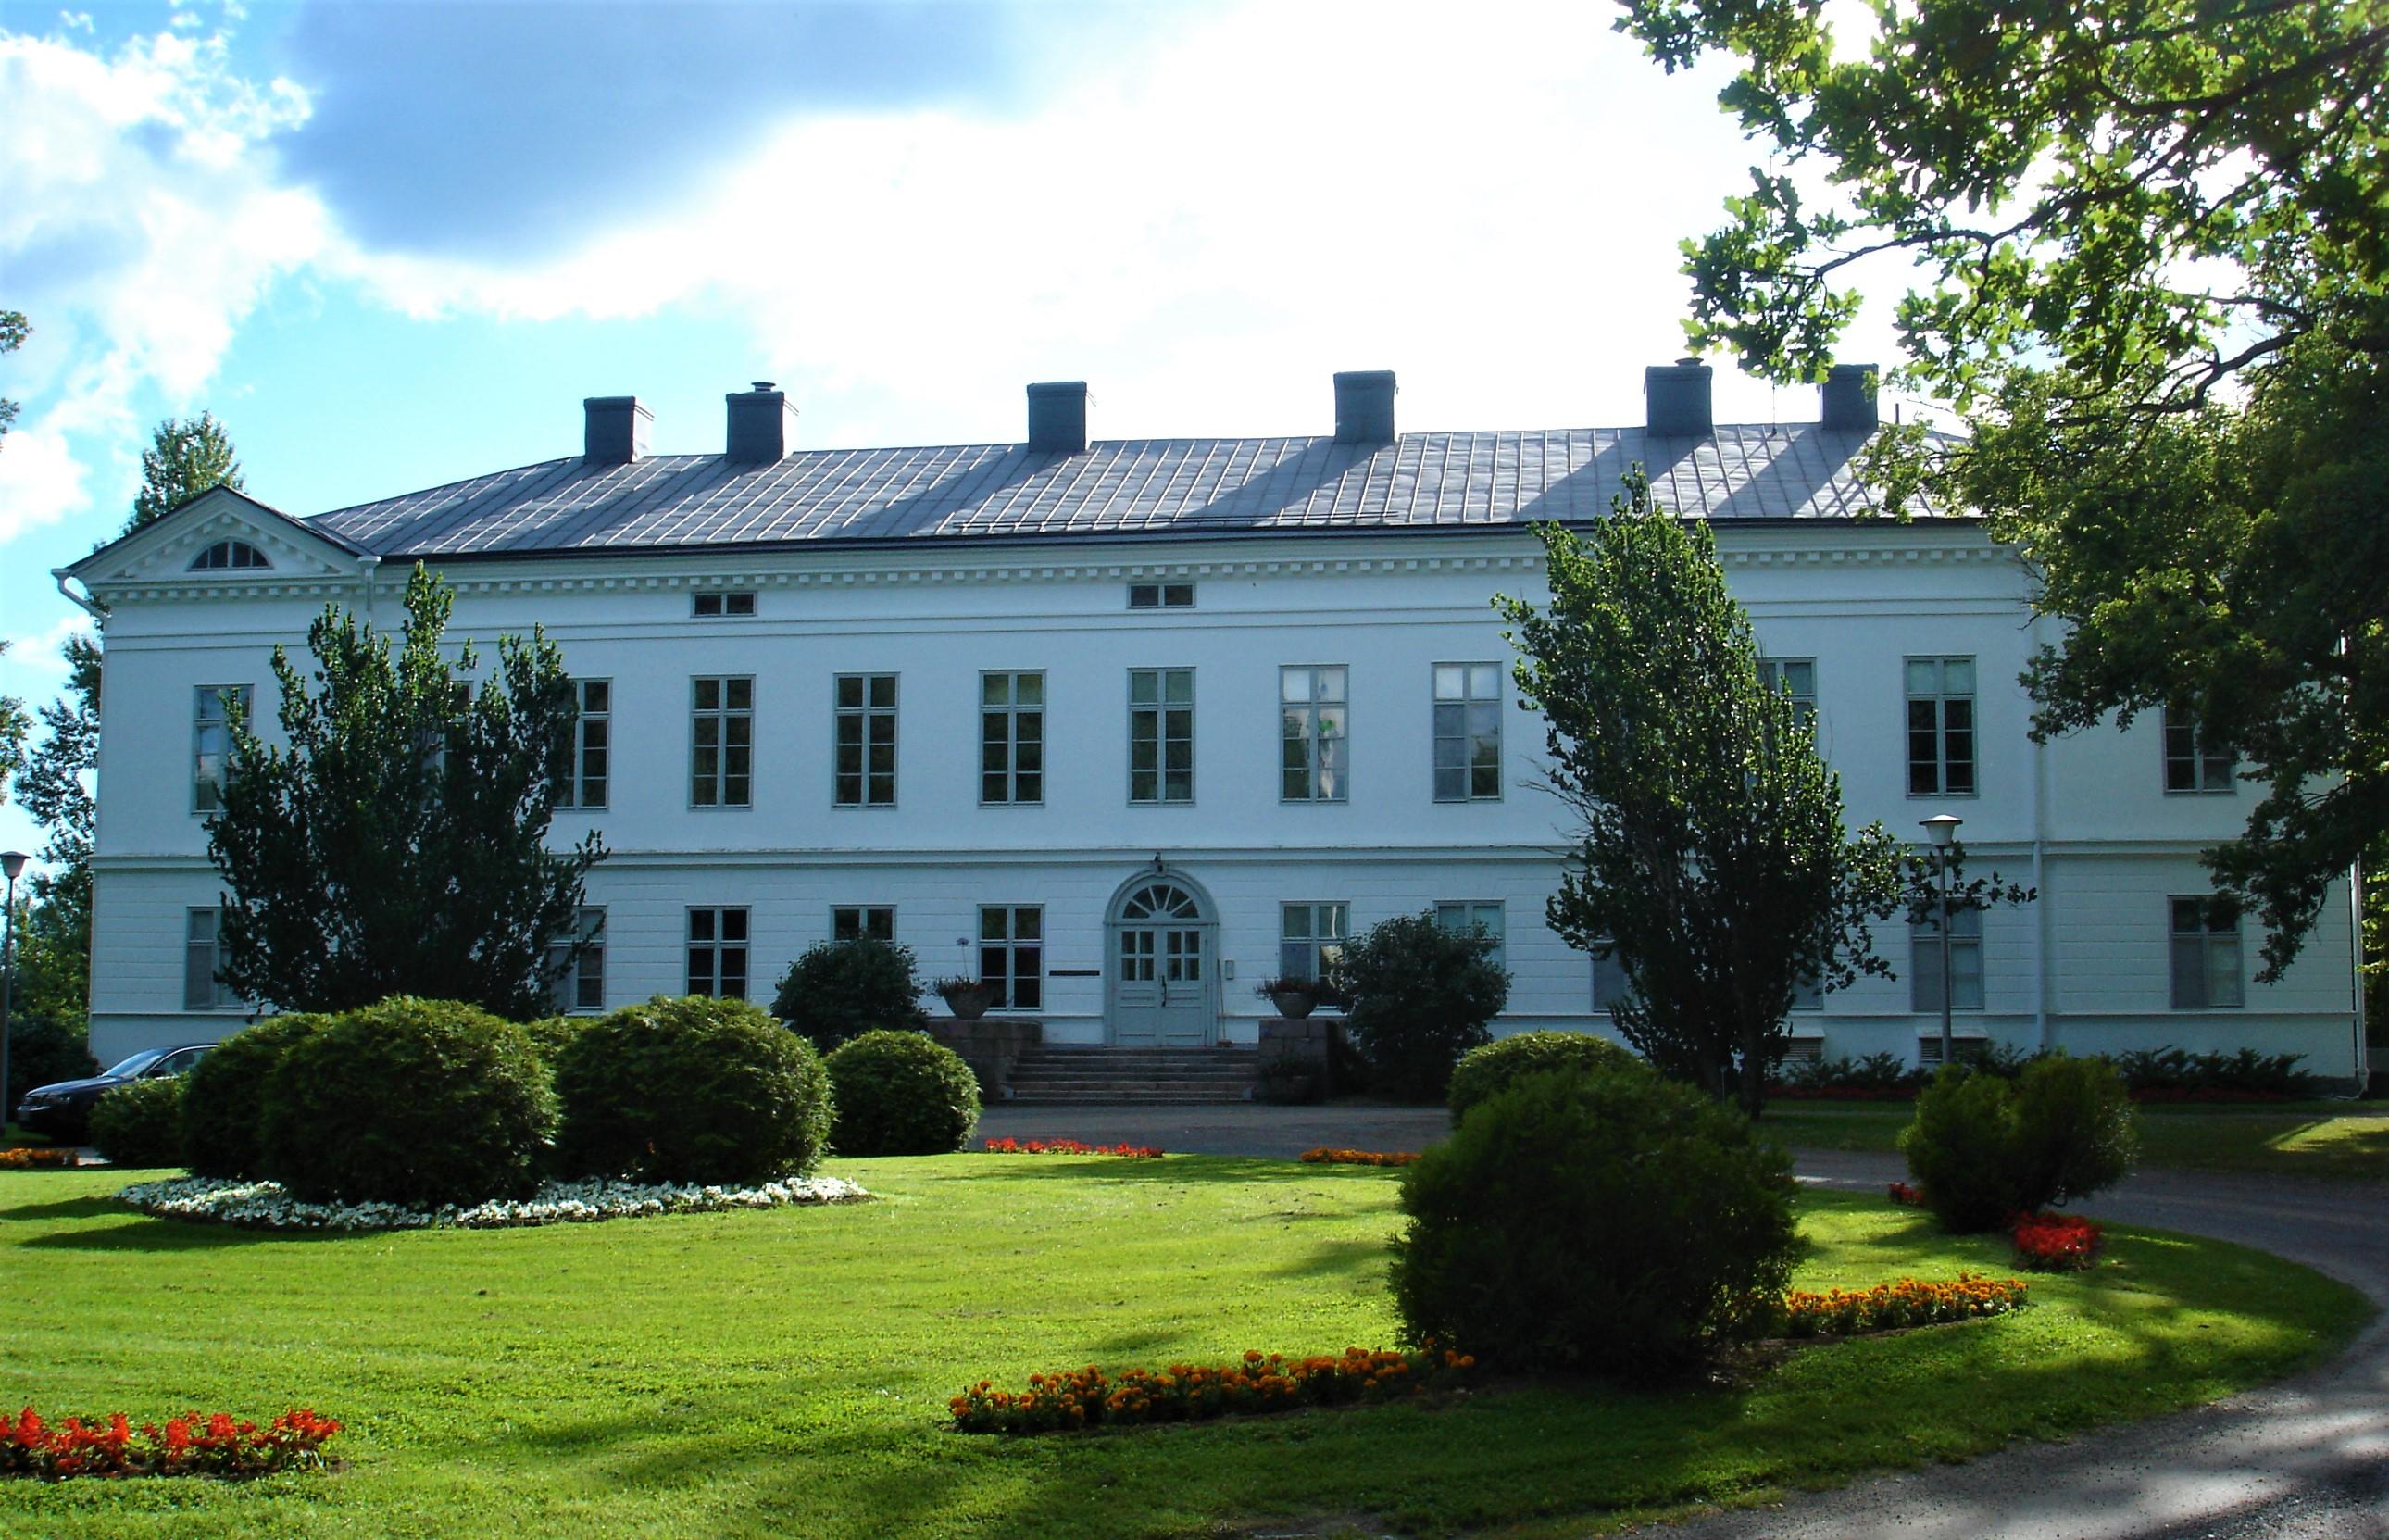 Jokioinen Manor